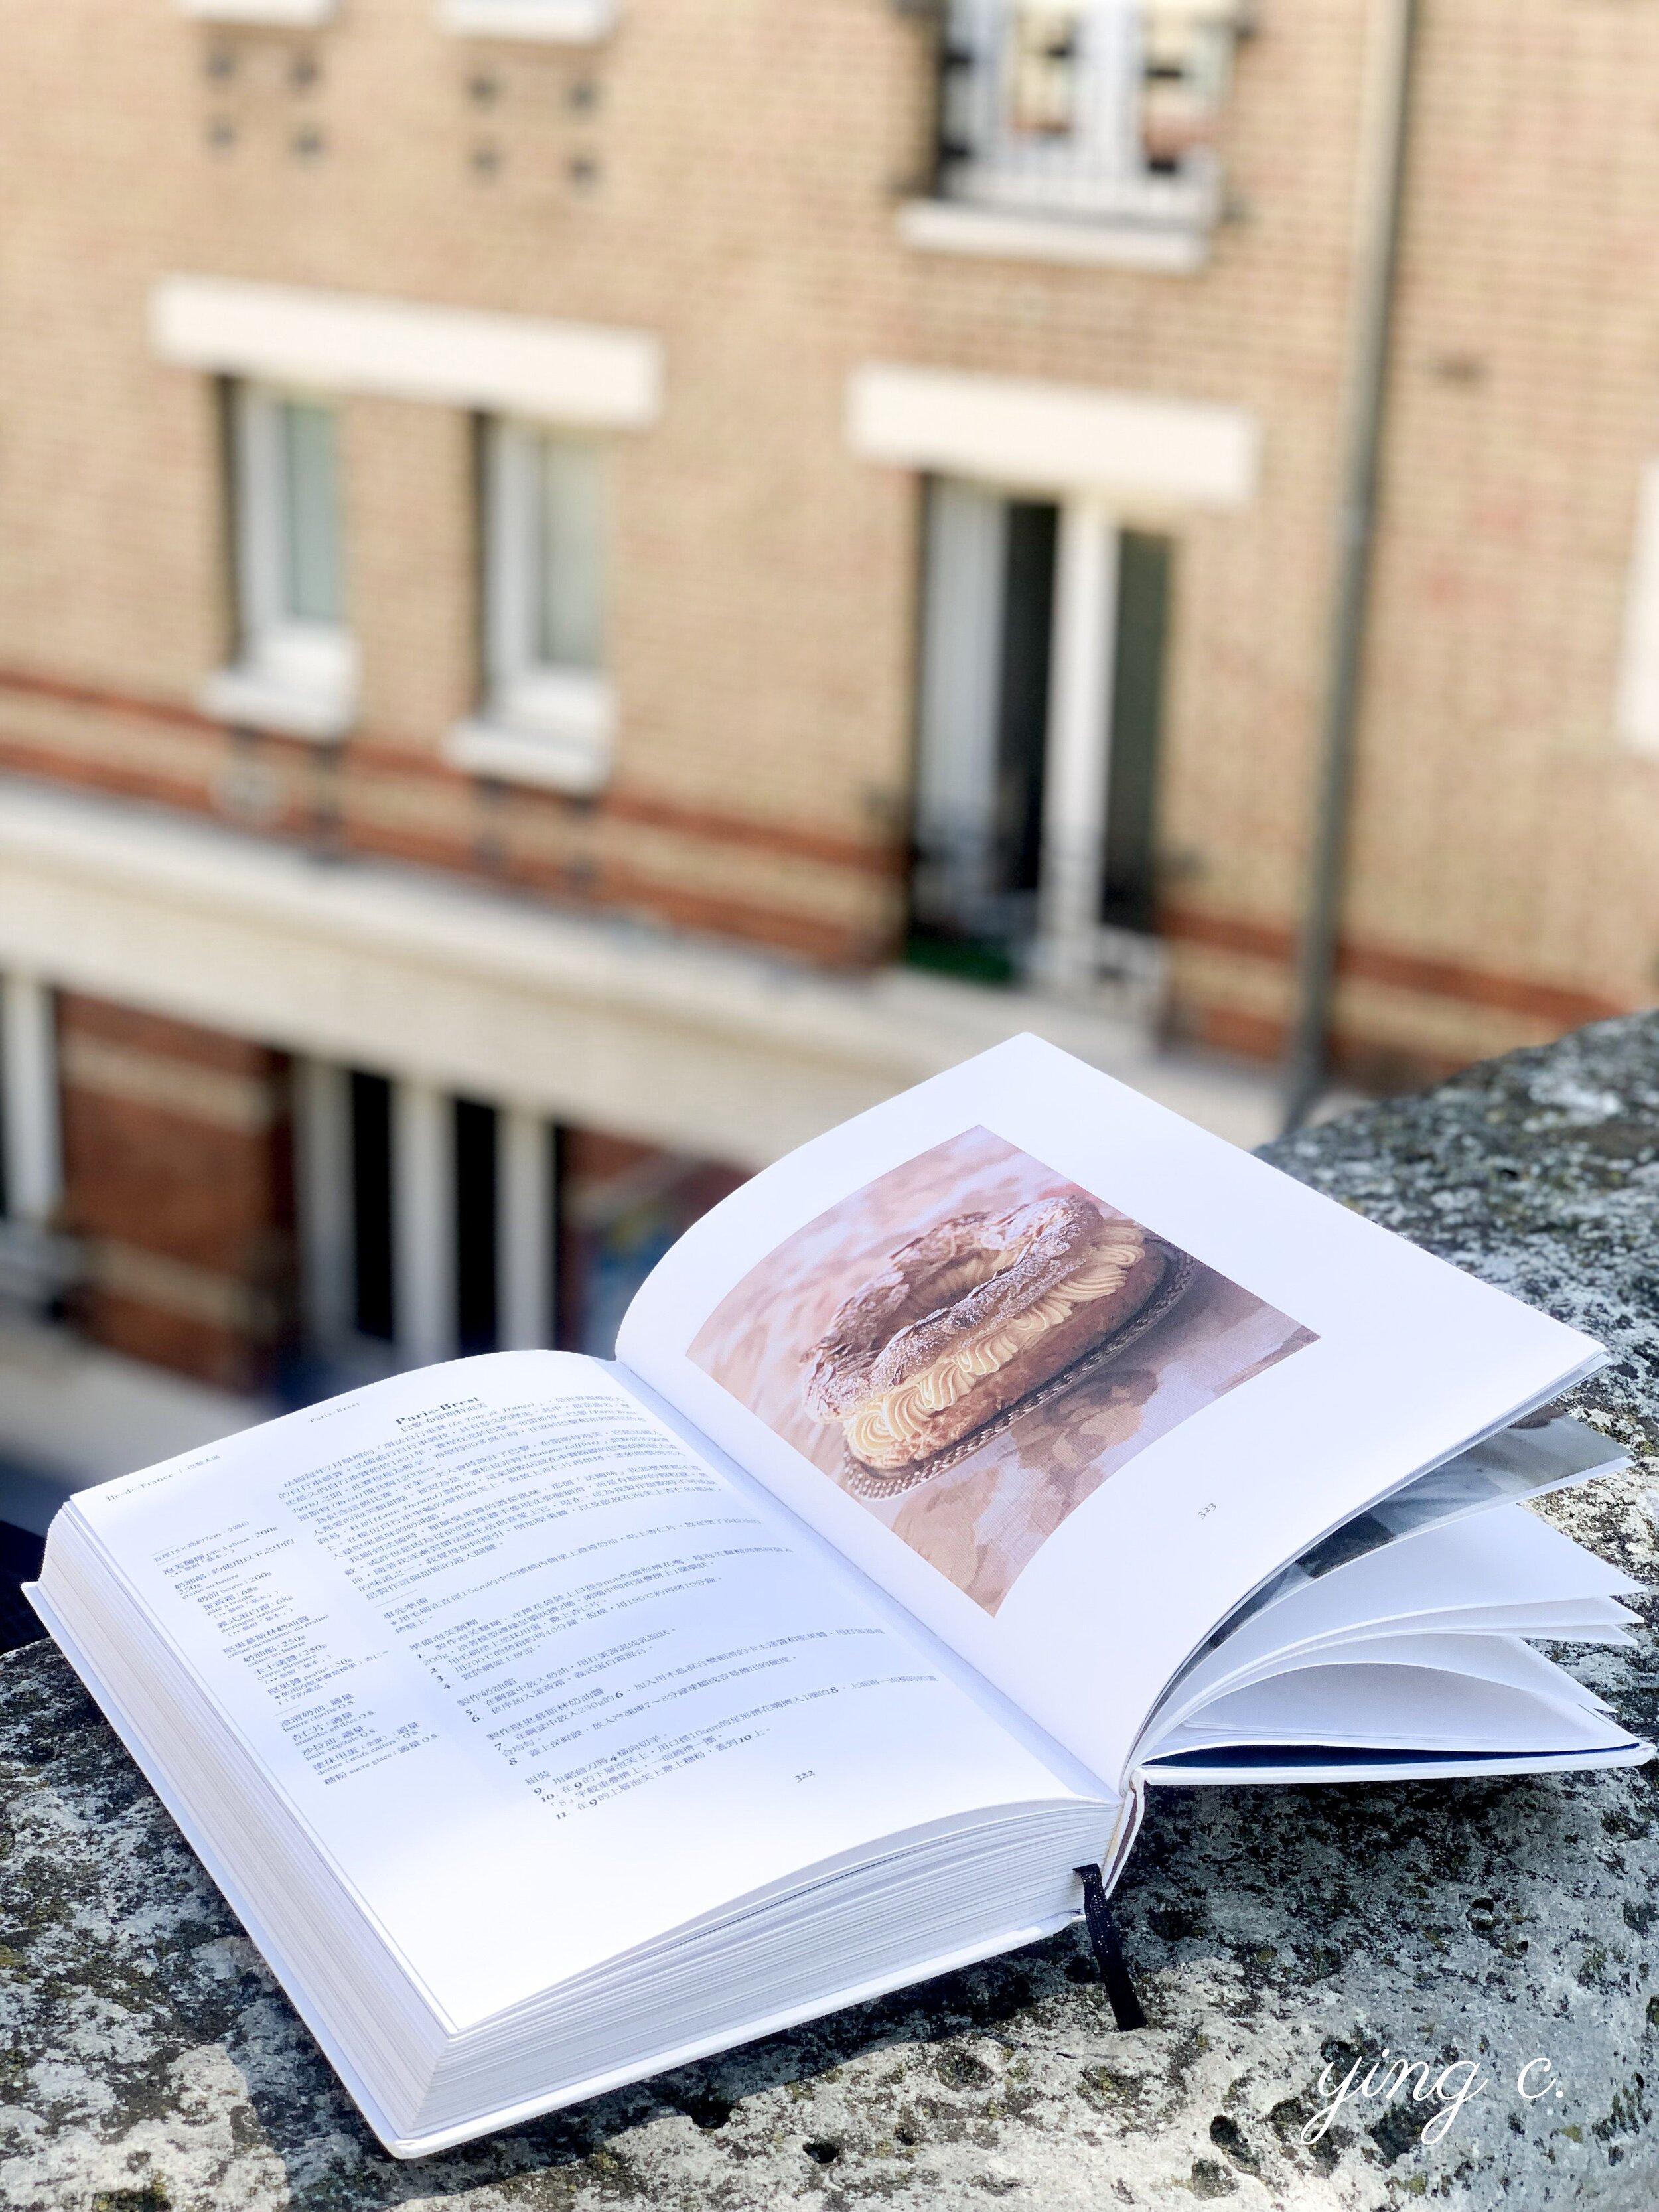 書中介紹法國各地的特色甜點,包括誕生在巴黎、擁有濃郁榛果風味的 巴黎・布列斯特泡芙(Paris-Brest)。]